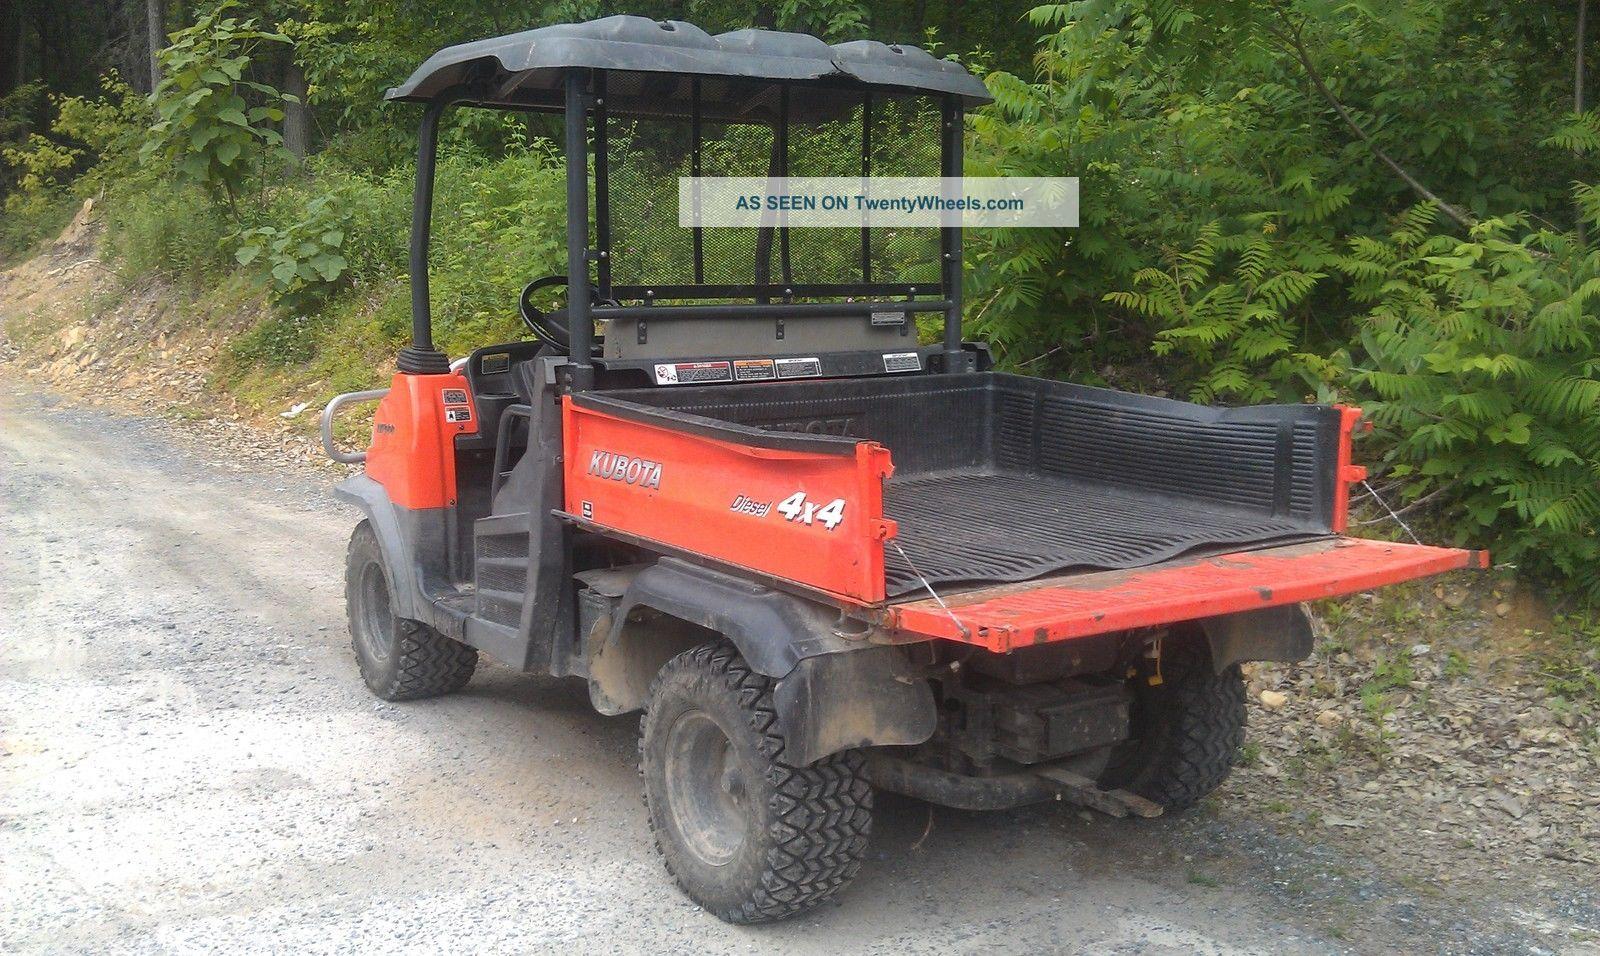 Kubota Rtv900 Utility Vehicle : Kubota rtv diesel utility vehicle only hours